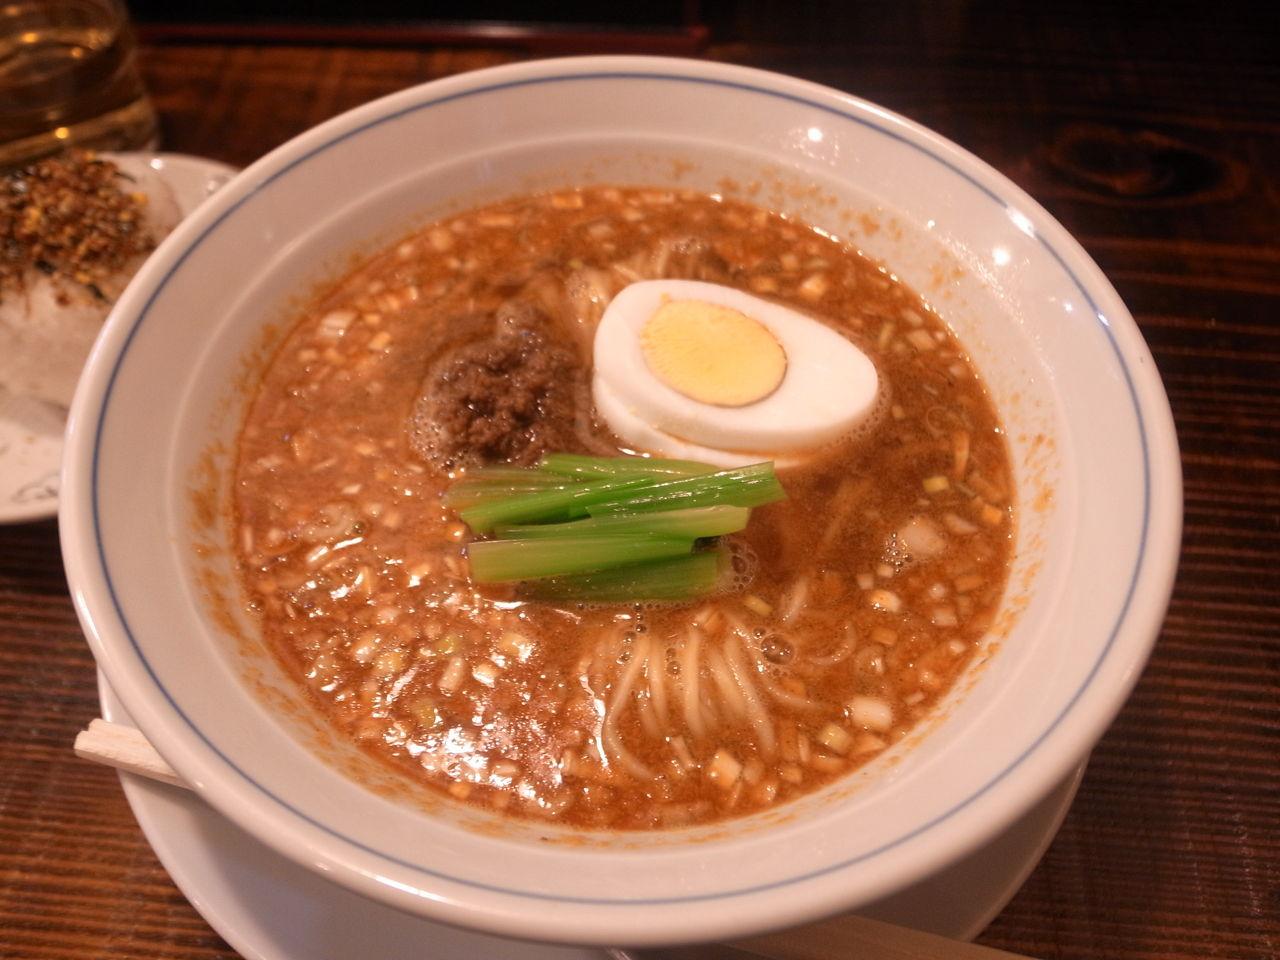 担担麺の画像 p1_36